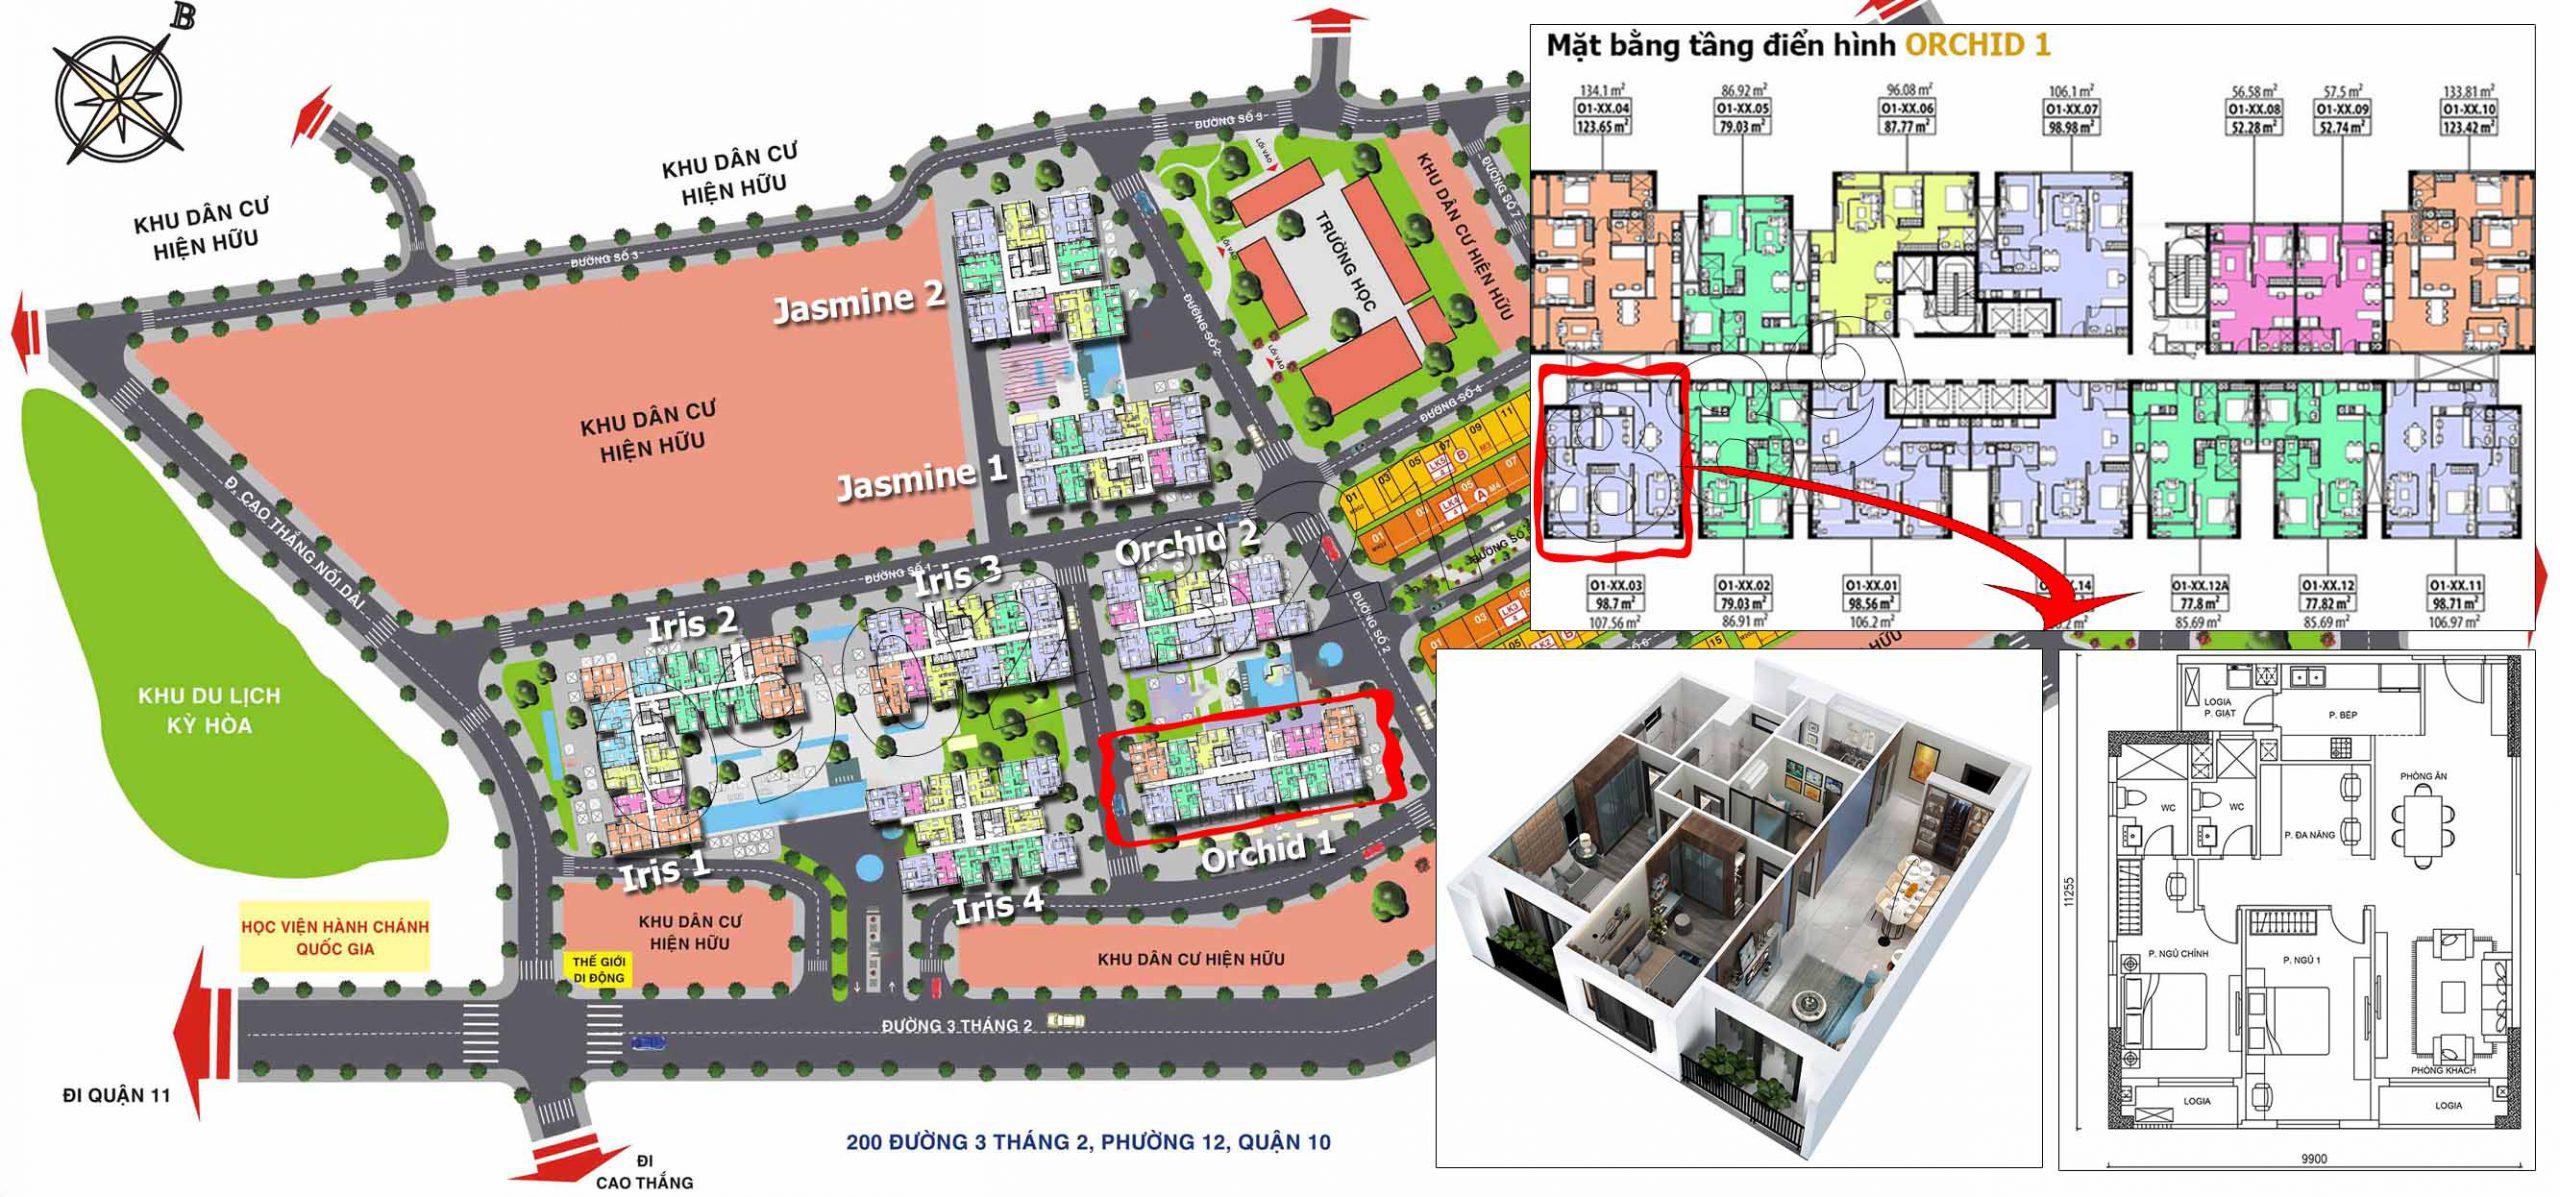 Căn hộ 107m2 với thiết kế 2 phòng ngủ, 2 WC, 1 phòng đa năng tại tòa Orchid 1.